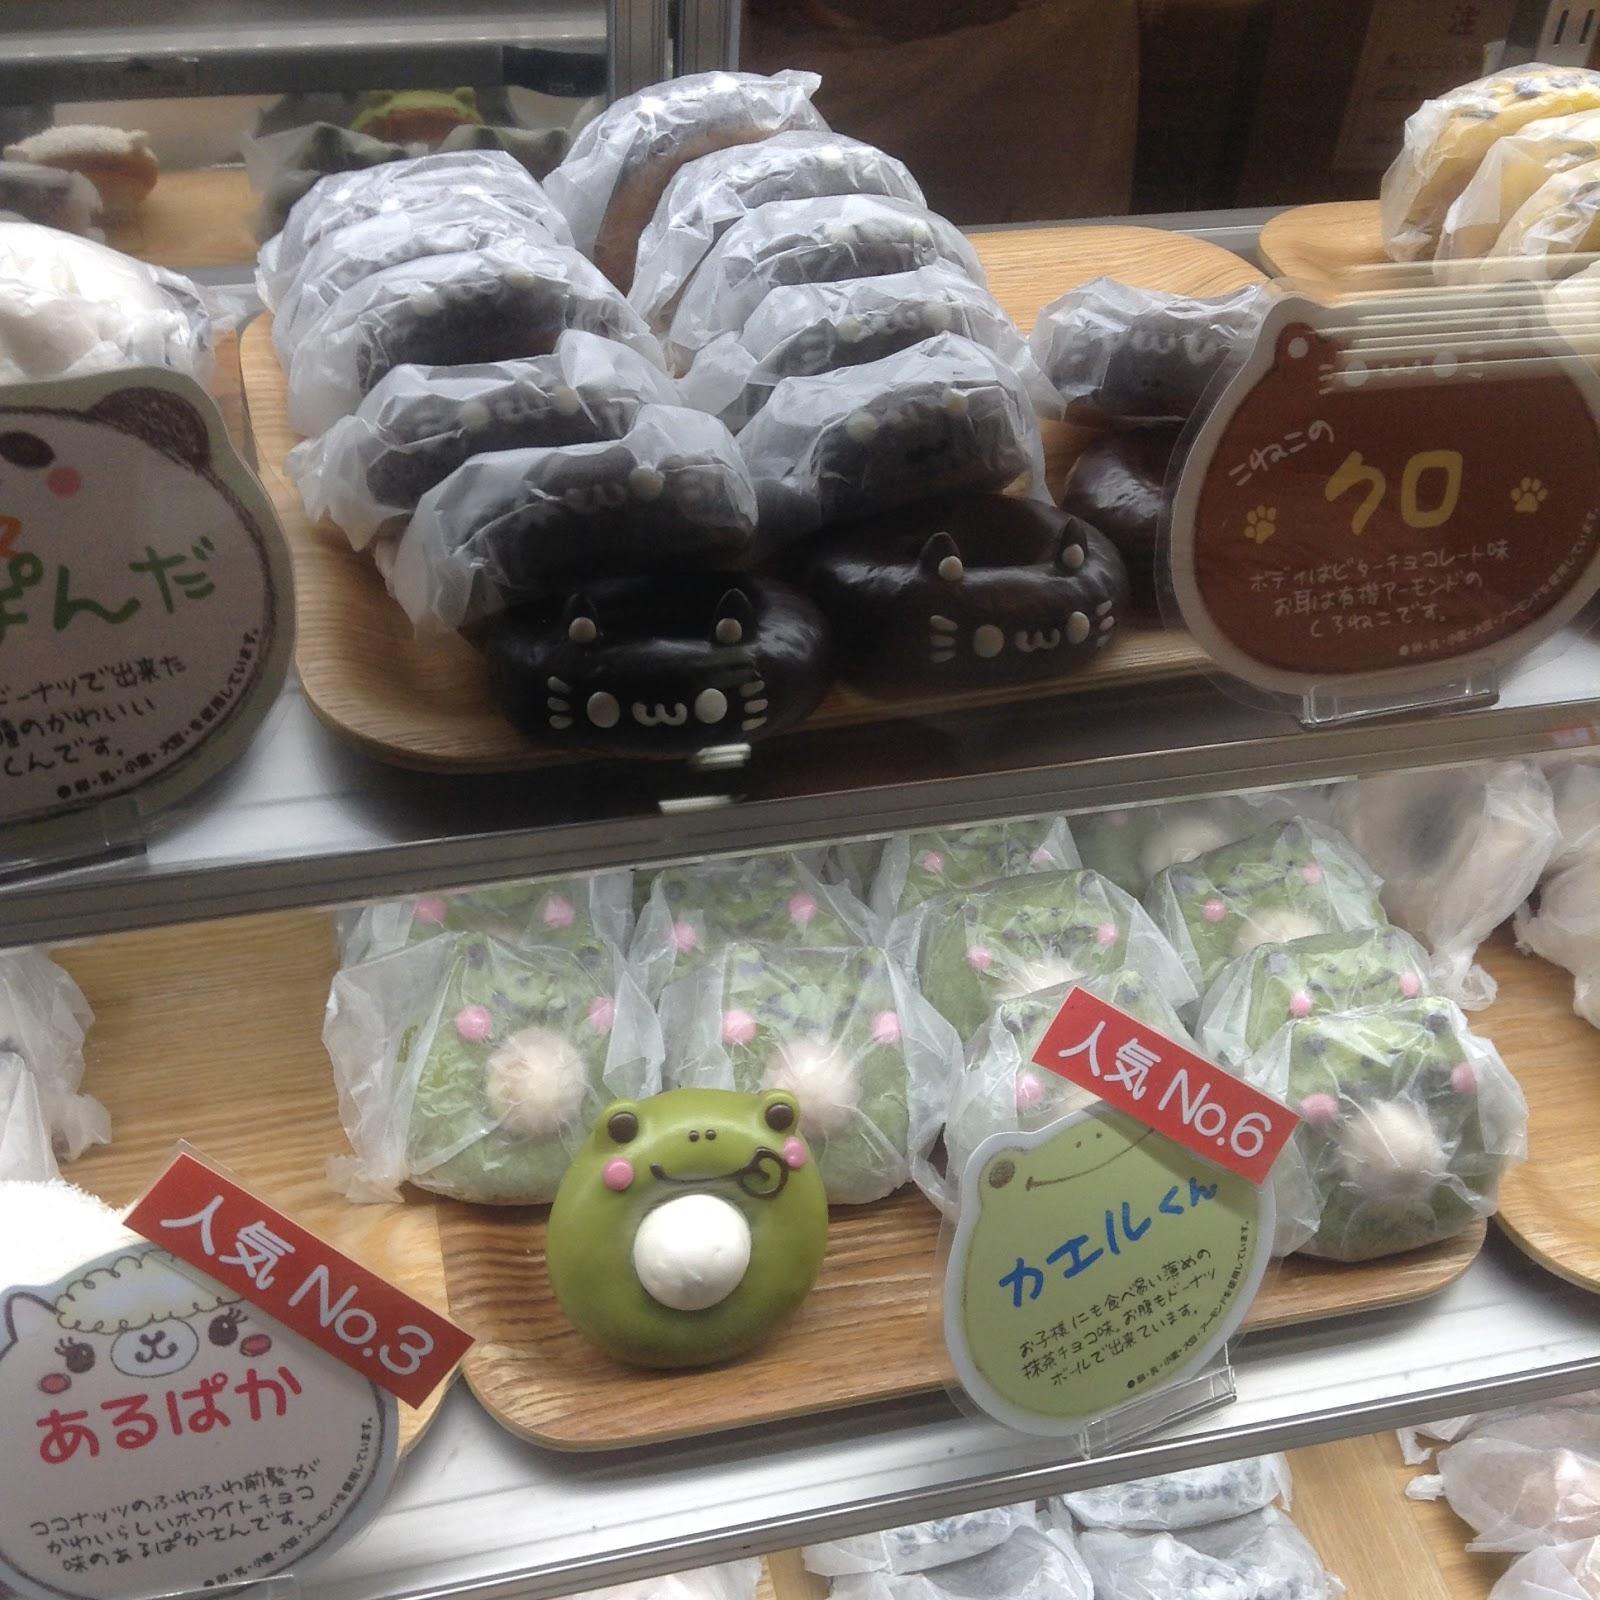 Ikumimama Kawaii animal doughnut